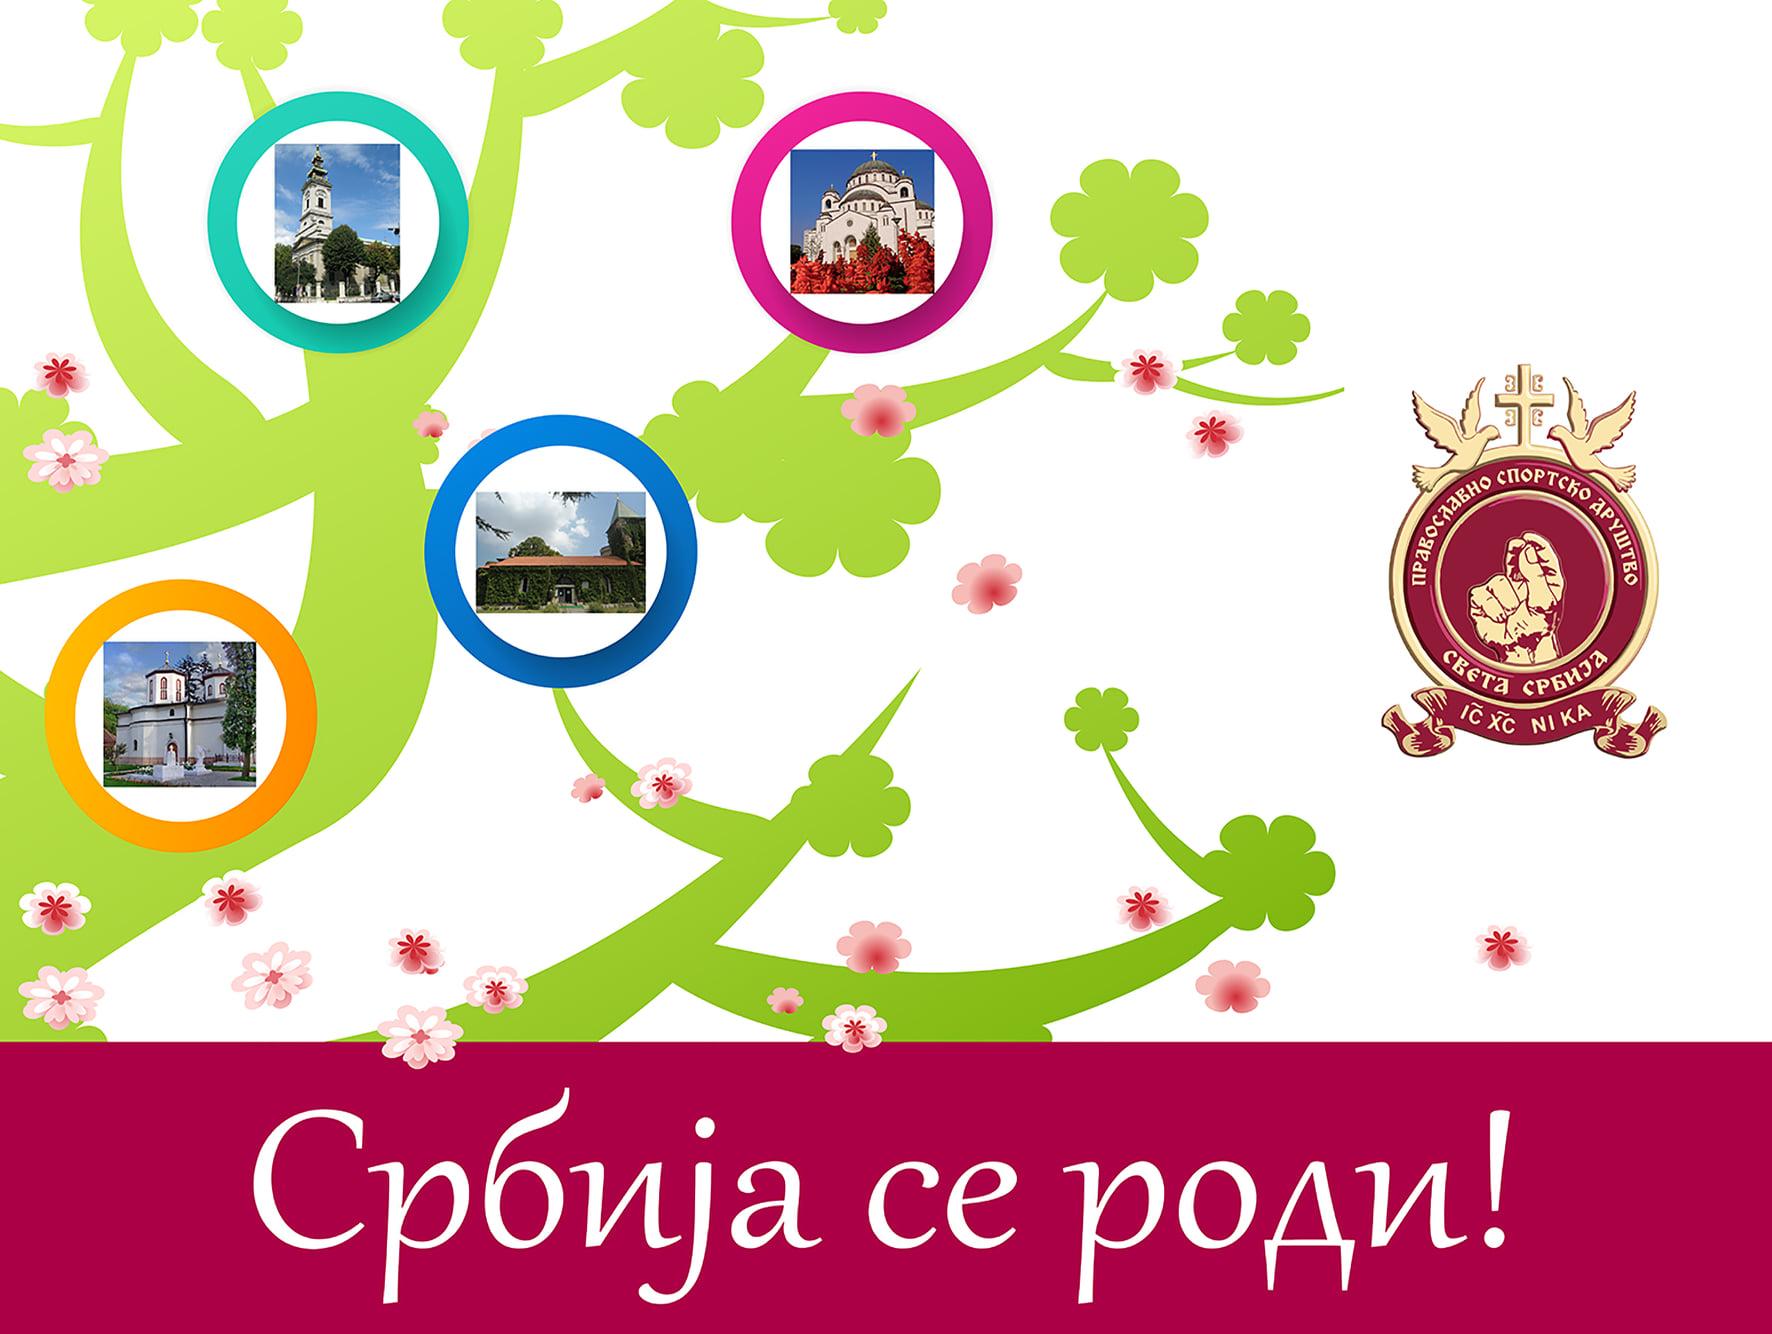 """Свечани видовдански концерт под називом """"Србија се роди"""""""